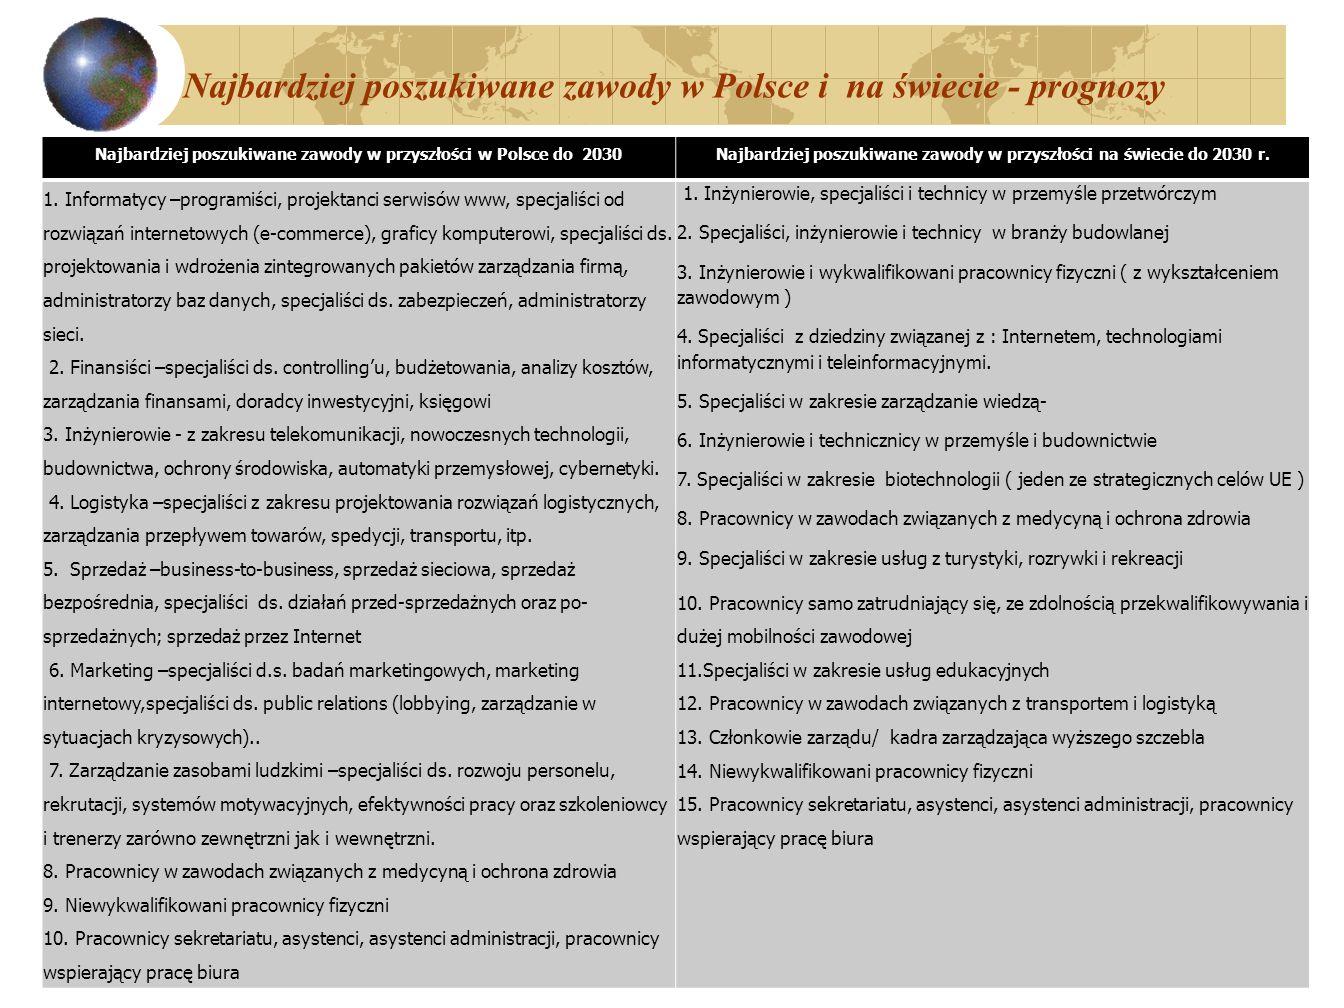 Najbardziej poszukiwane zawody w Polsce i na świecie - prognozy